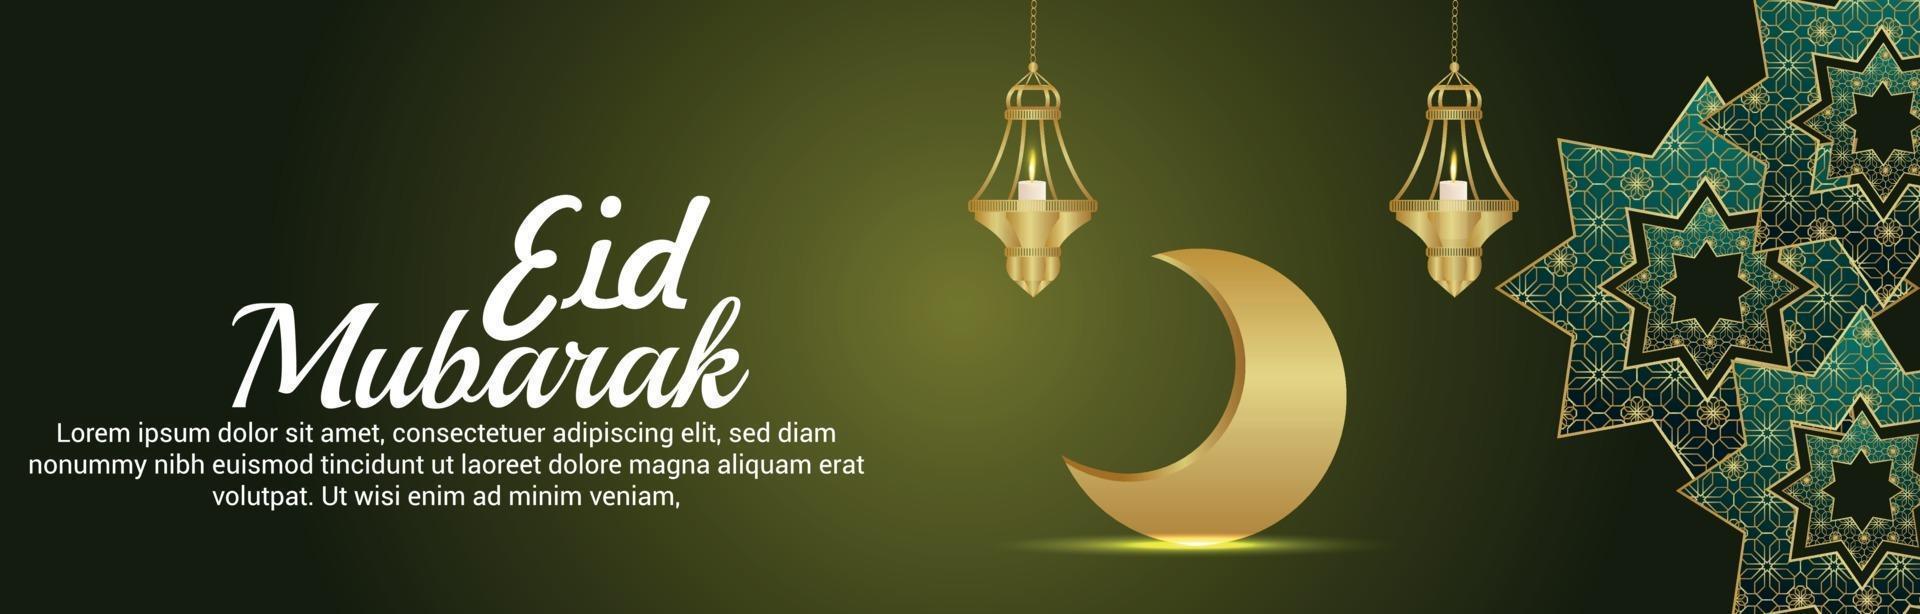 vektor illustration av eid mubarak inbjudan banner eller rubrik med gyllene lykta på mönster bakgrund